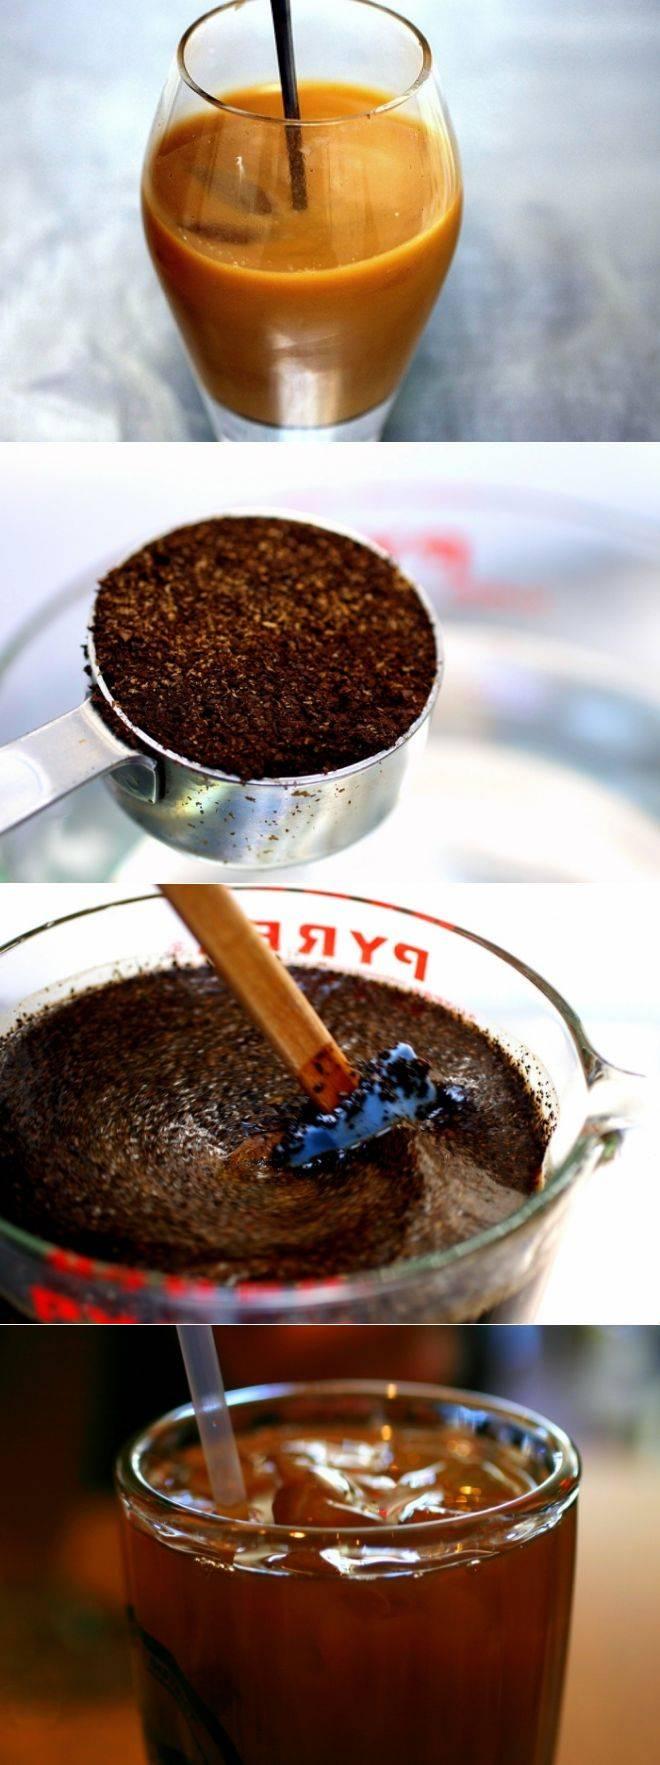 Холодный кофе - как называется, рецепт, как приготовить